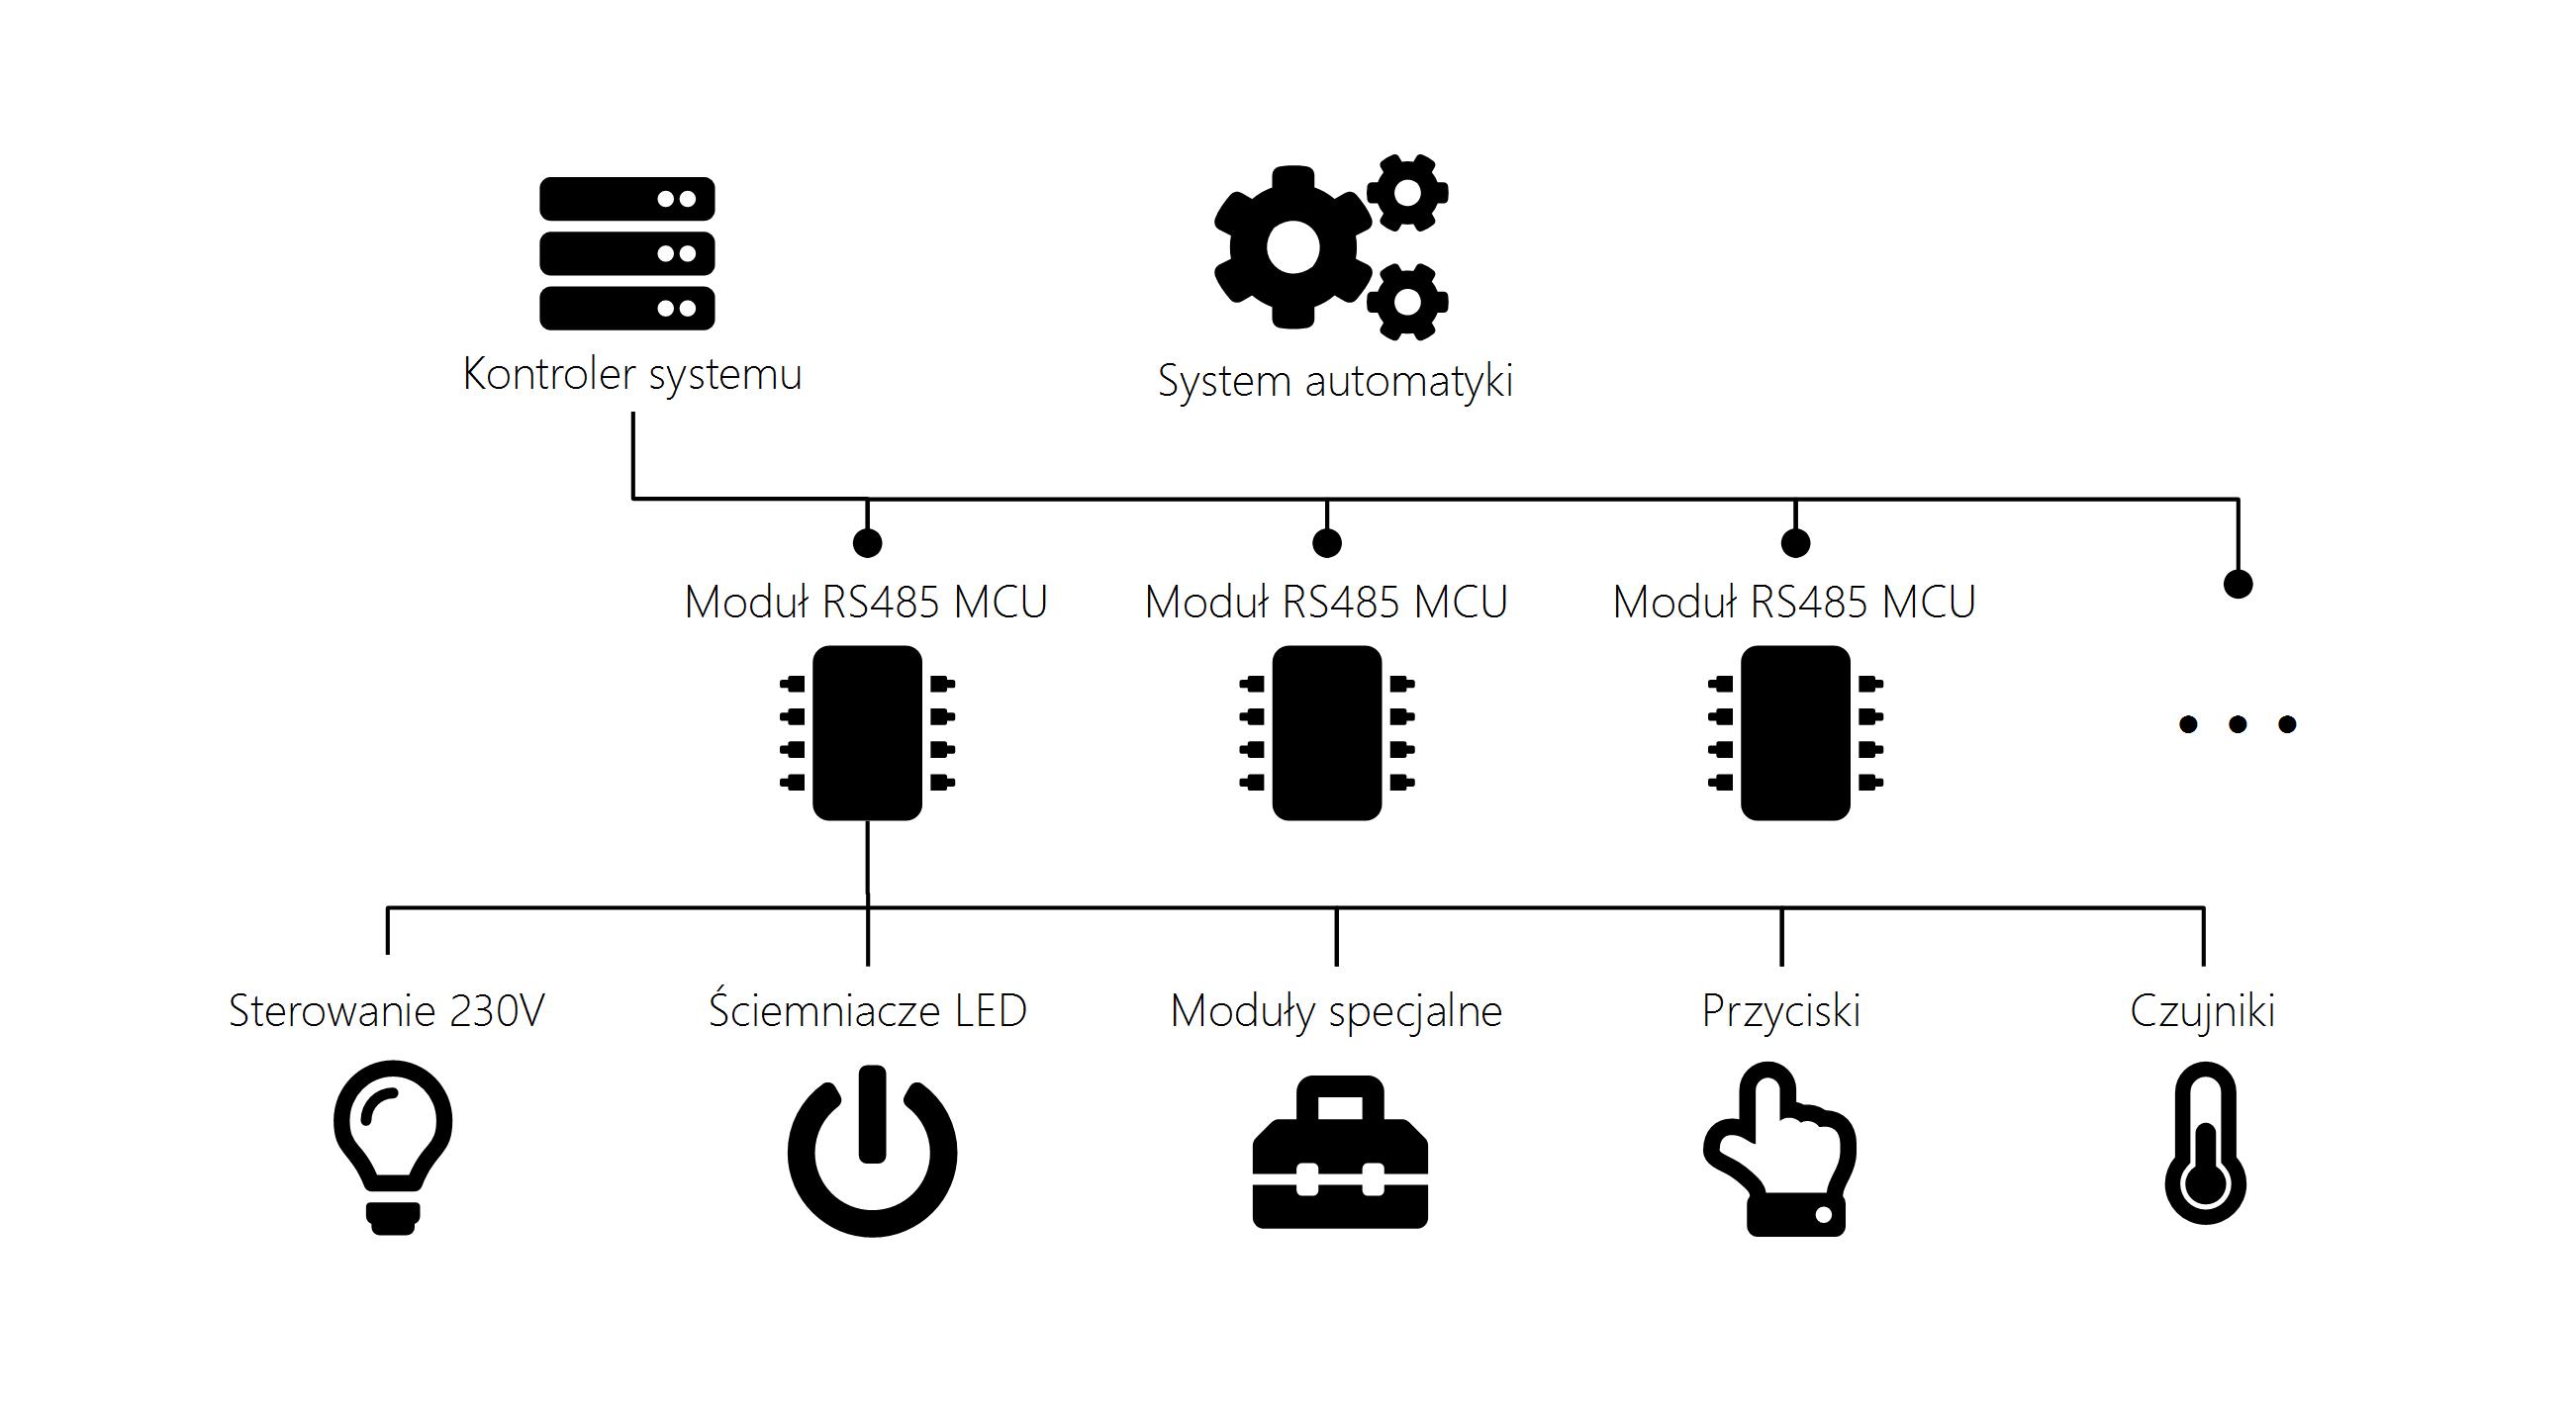 Schemat systemu